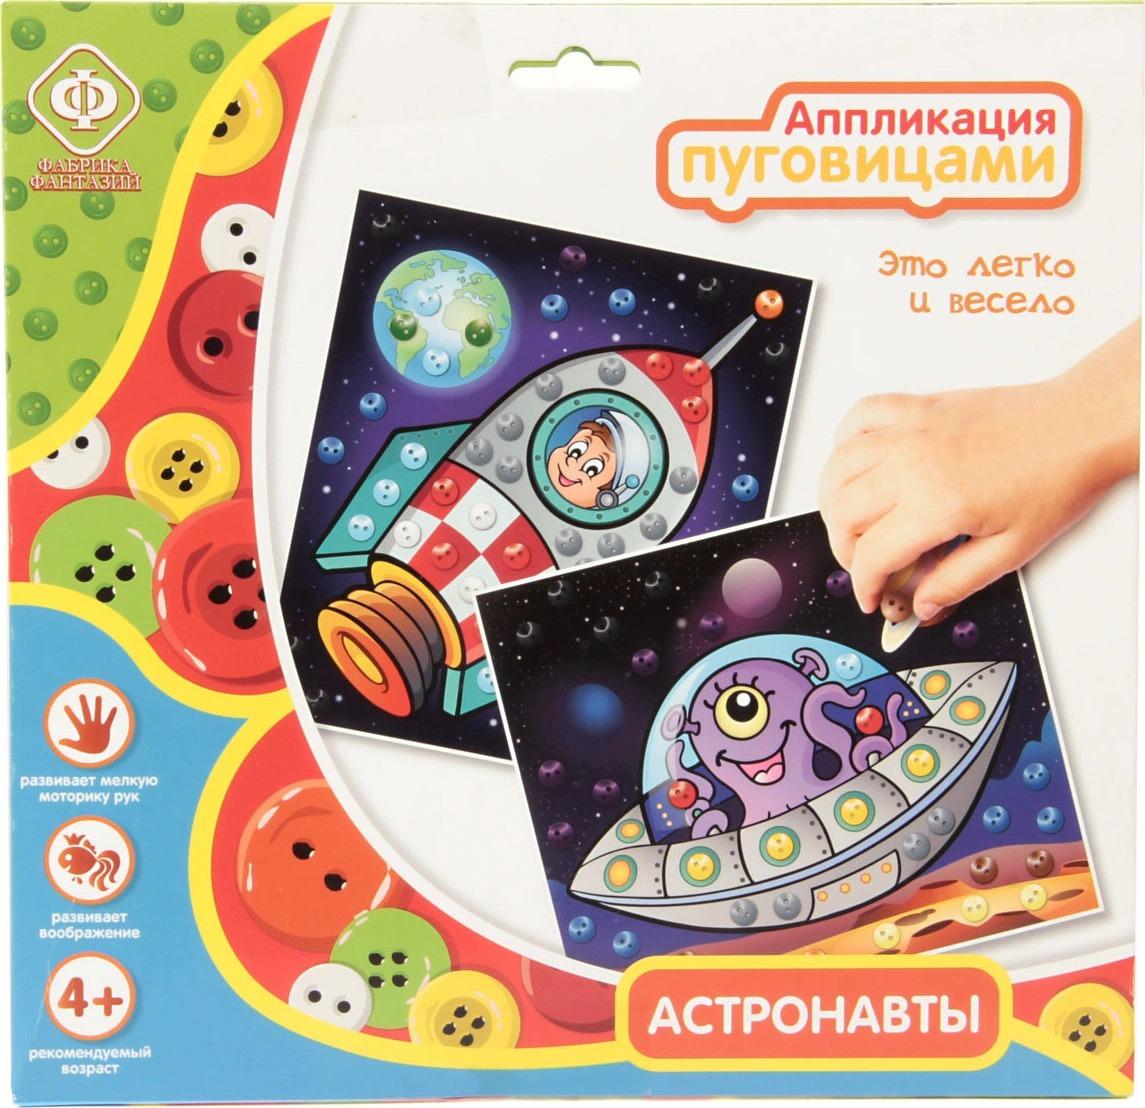 Аппликация пуговицами Астронавты